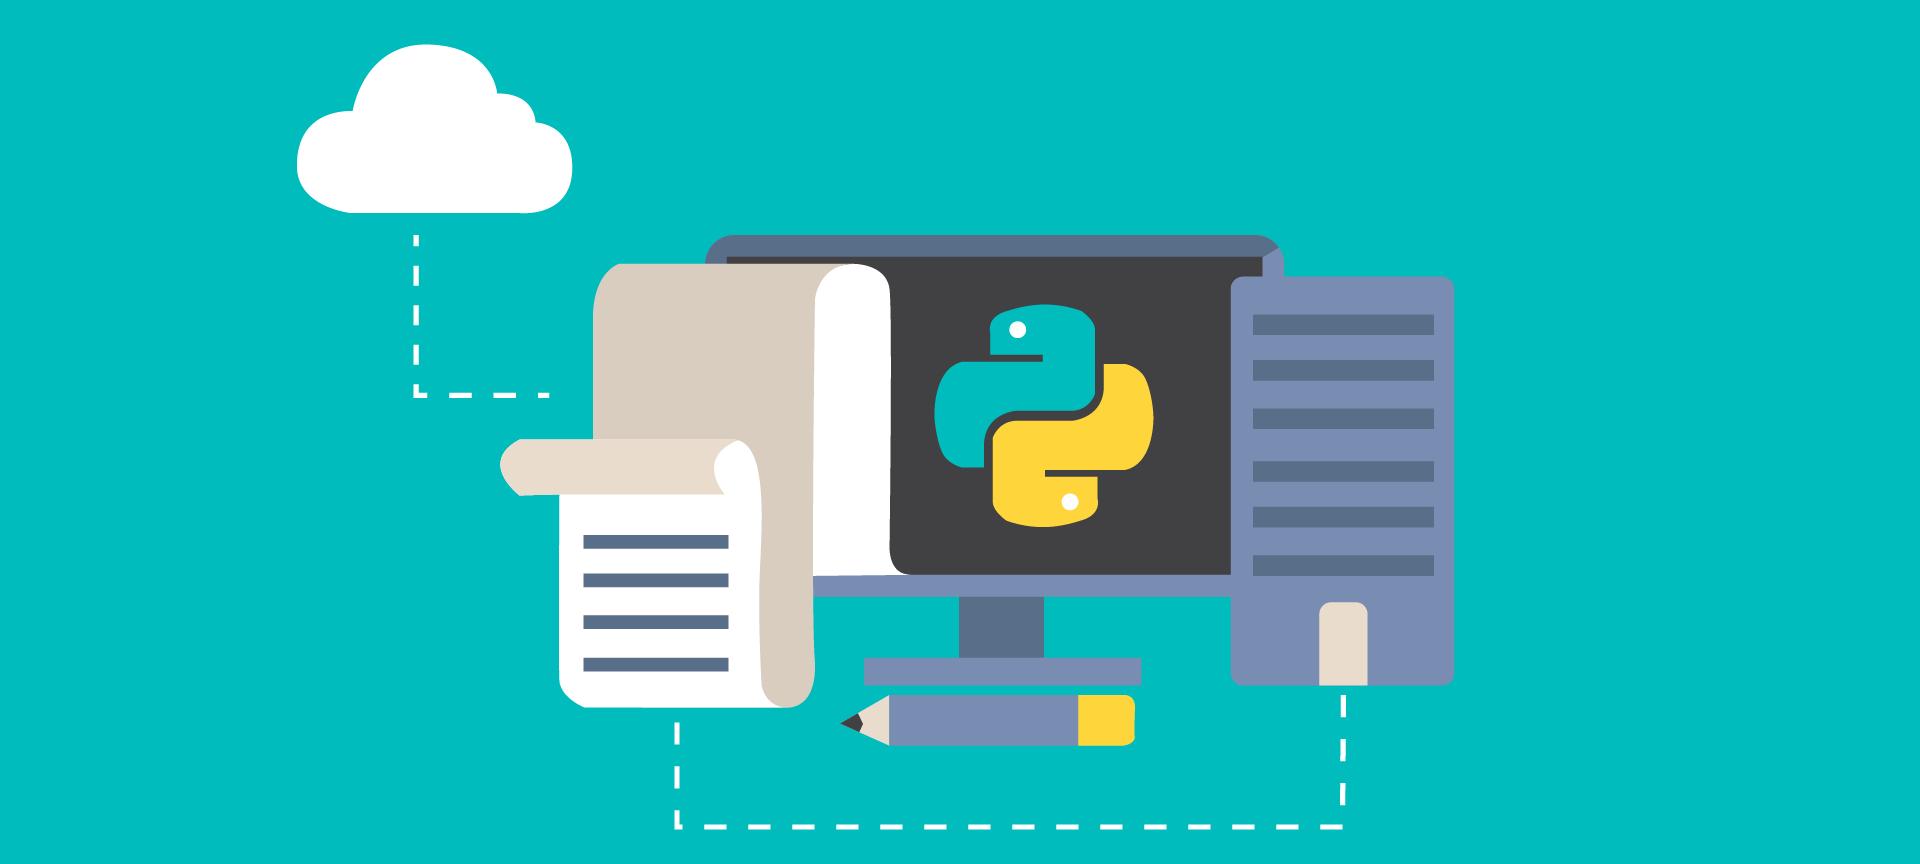 Топ-10 инструментов Python для машинного обучения и data-science - 1